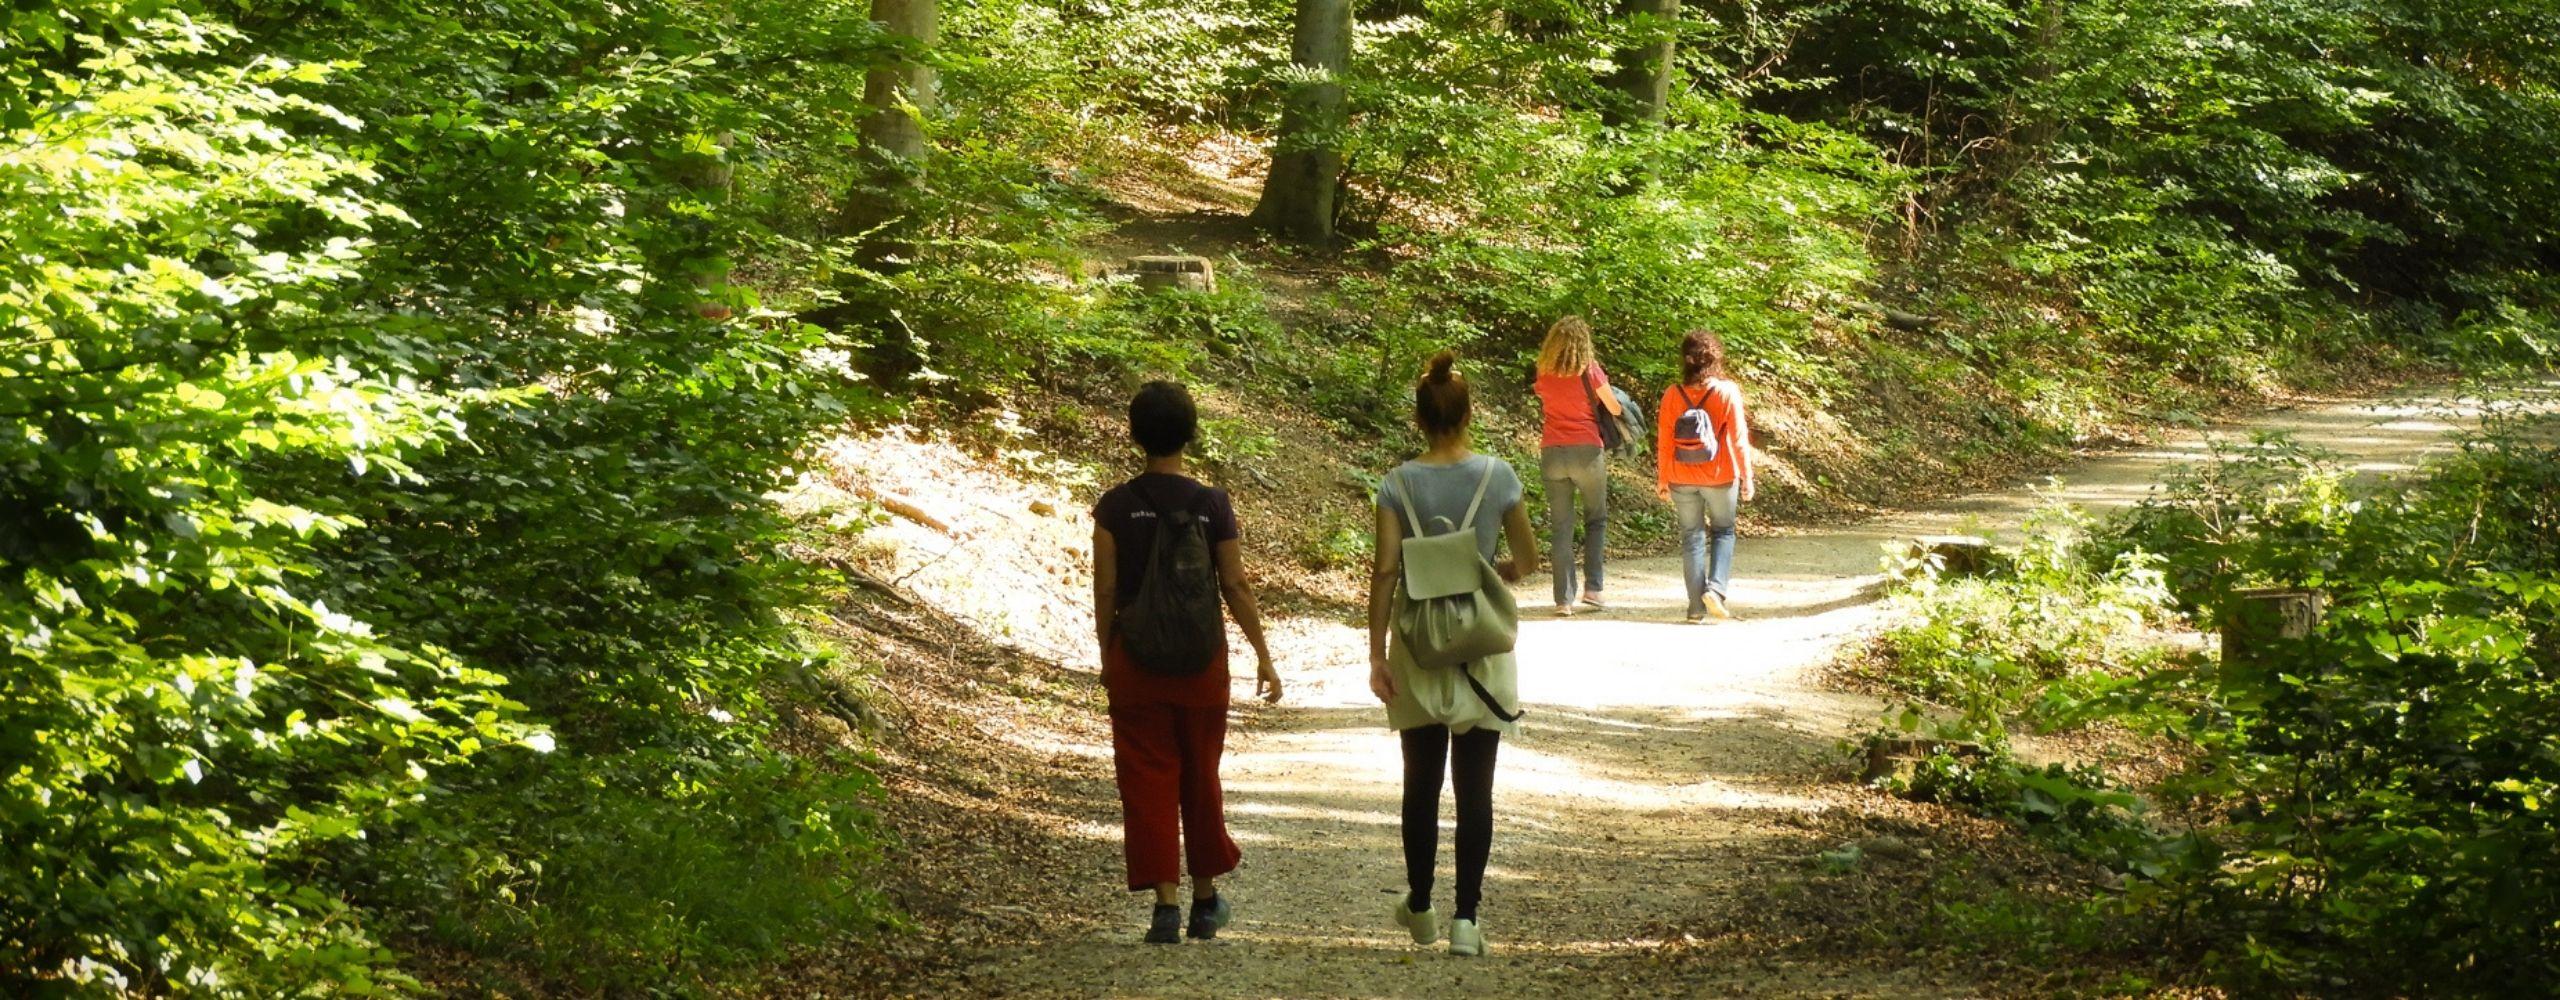 Wandererinnen am Stadtwanderweg (© MA49/Fürthner)